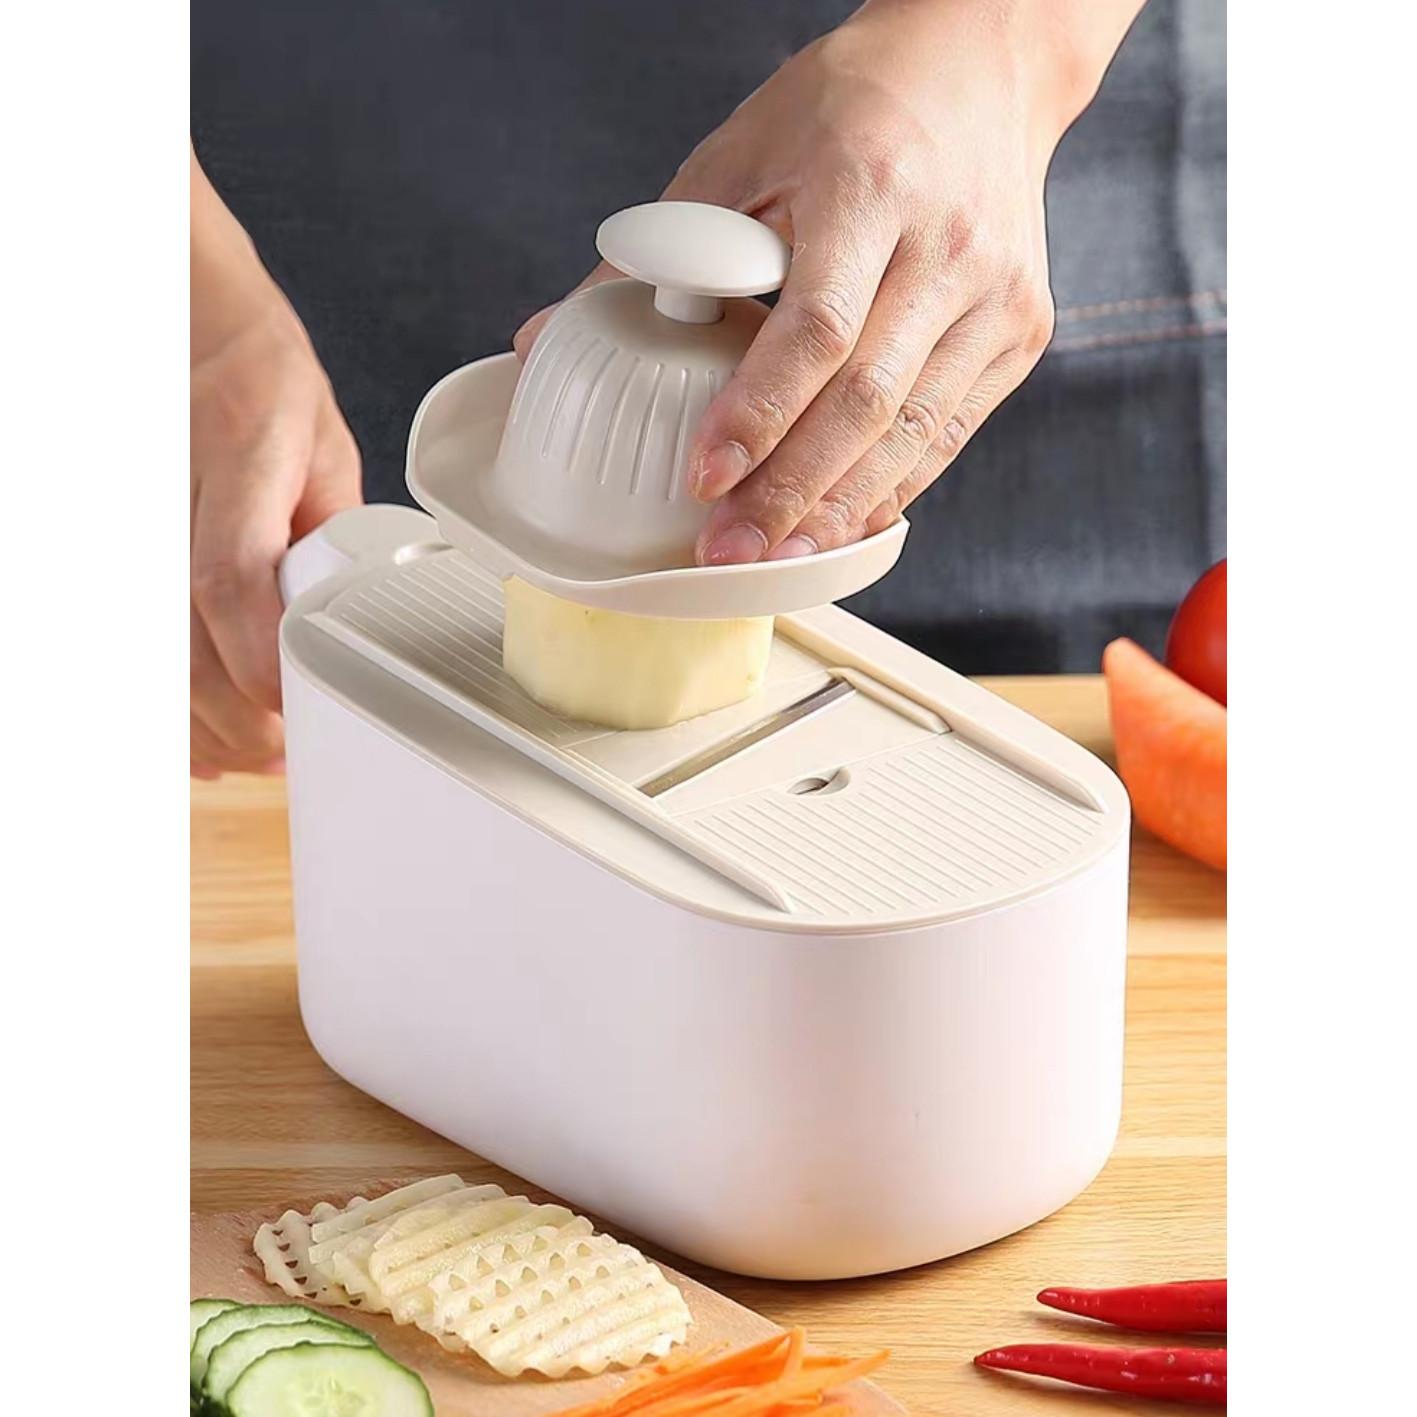 Dụng cụ rổ bào có chậu, nạo củ quả tiện lợi 3in1 Eco2021 tặng dụng cụ cắt khoai tây - màu ngẫu nhiên